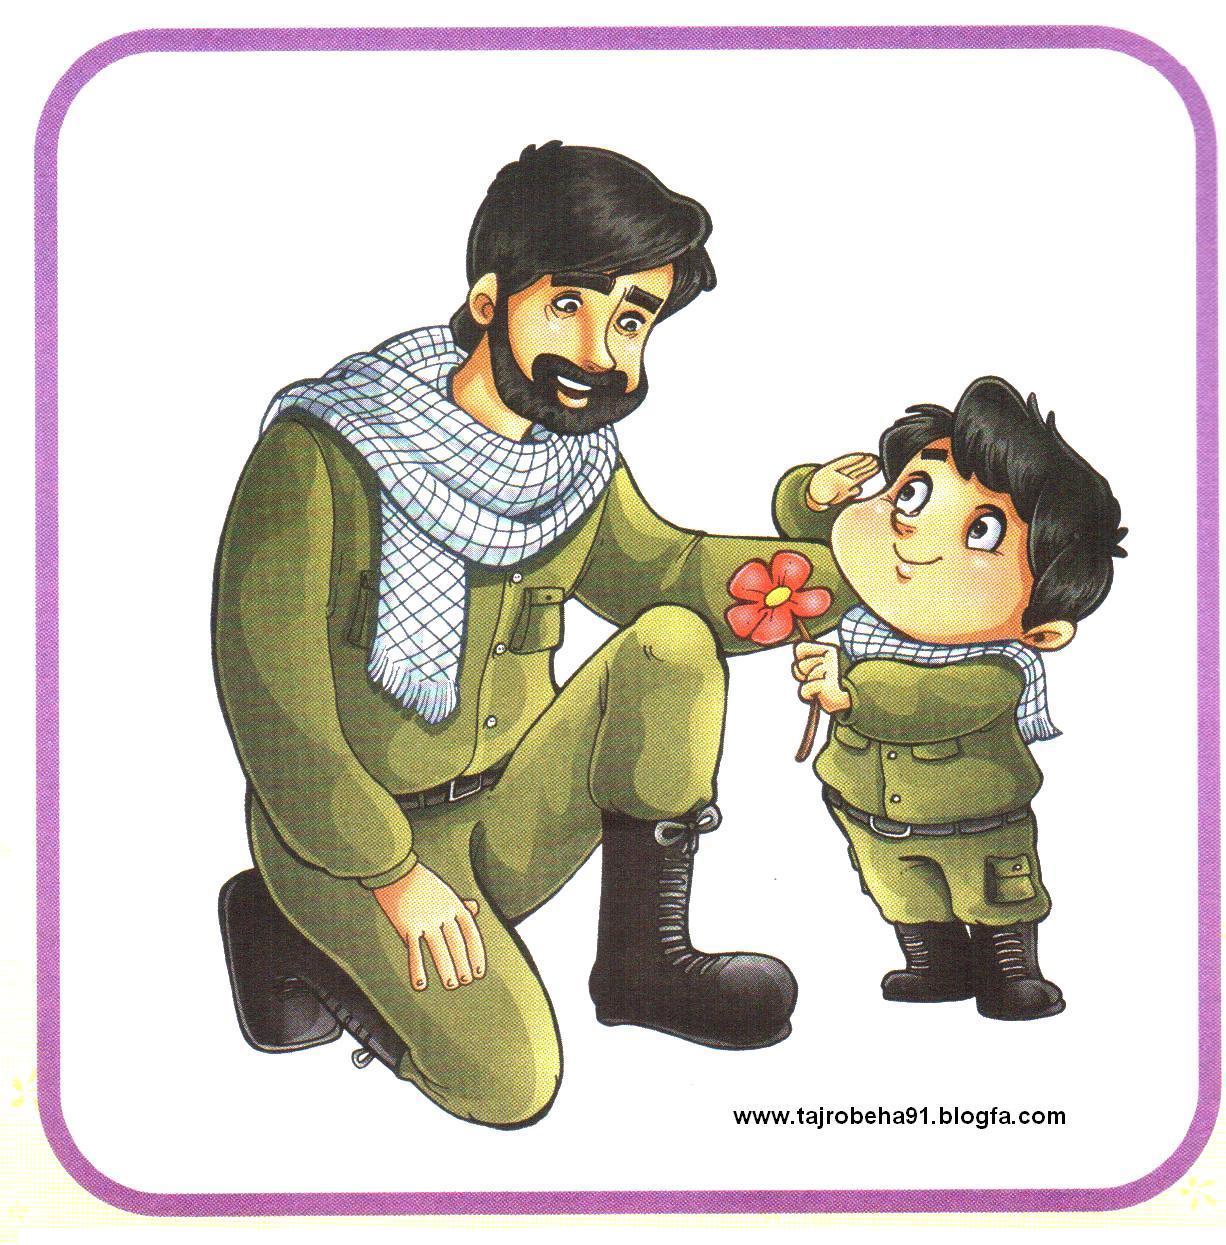 تصویر مذهبی کودکانه  میلاد امام حسین ع و روز پاسدار